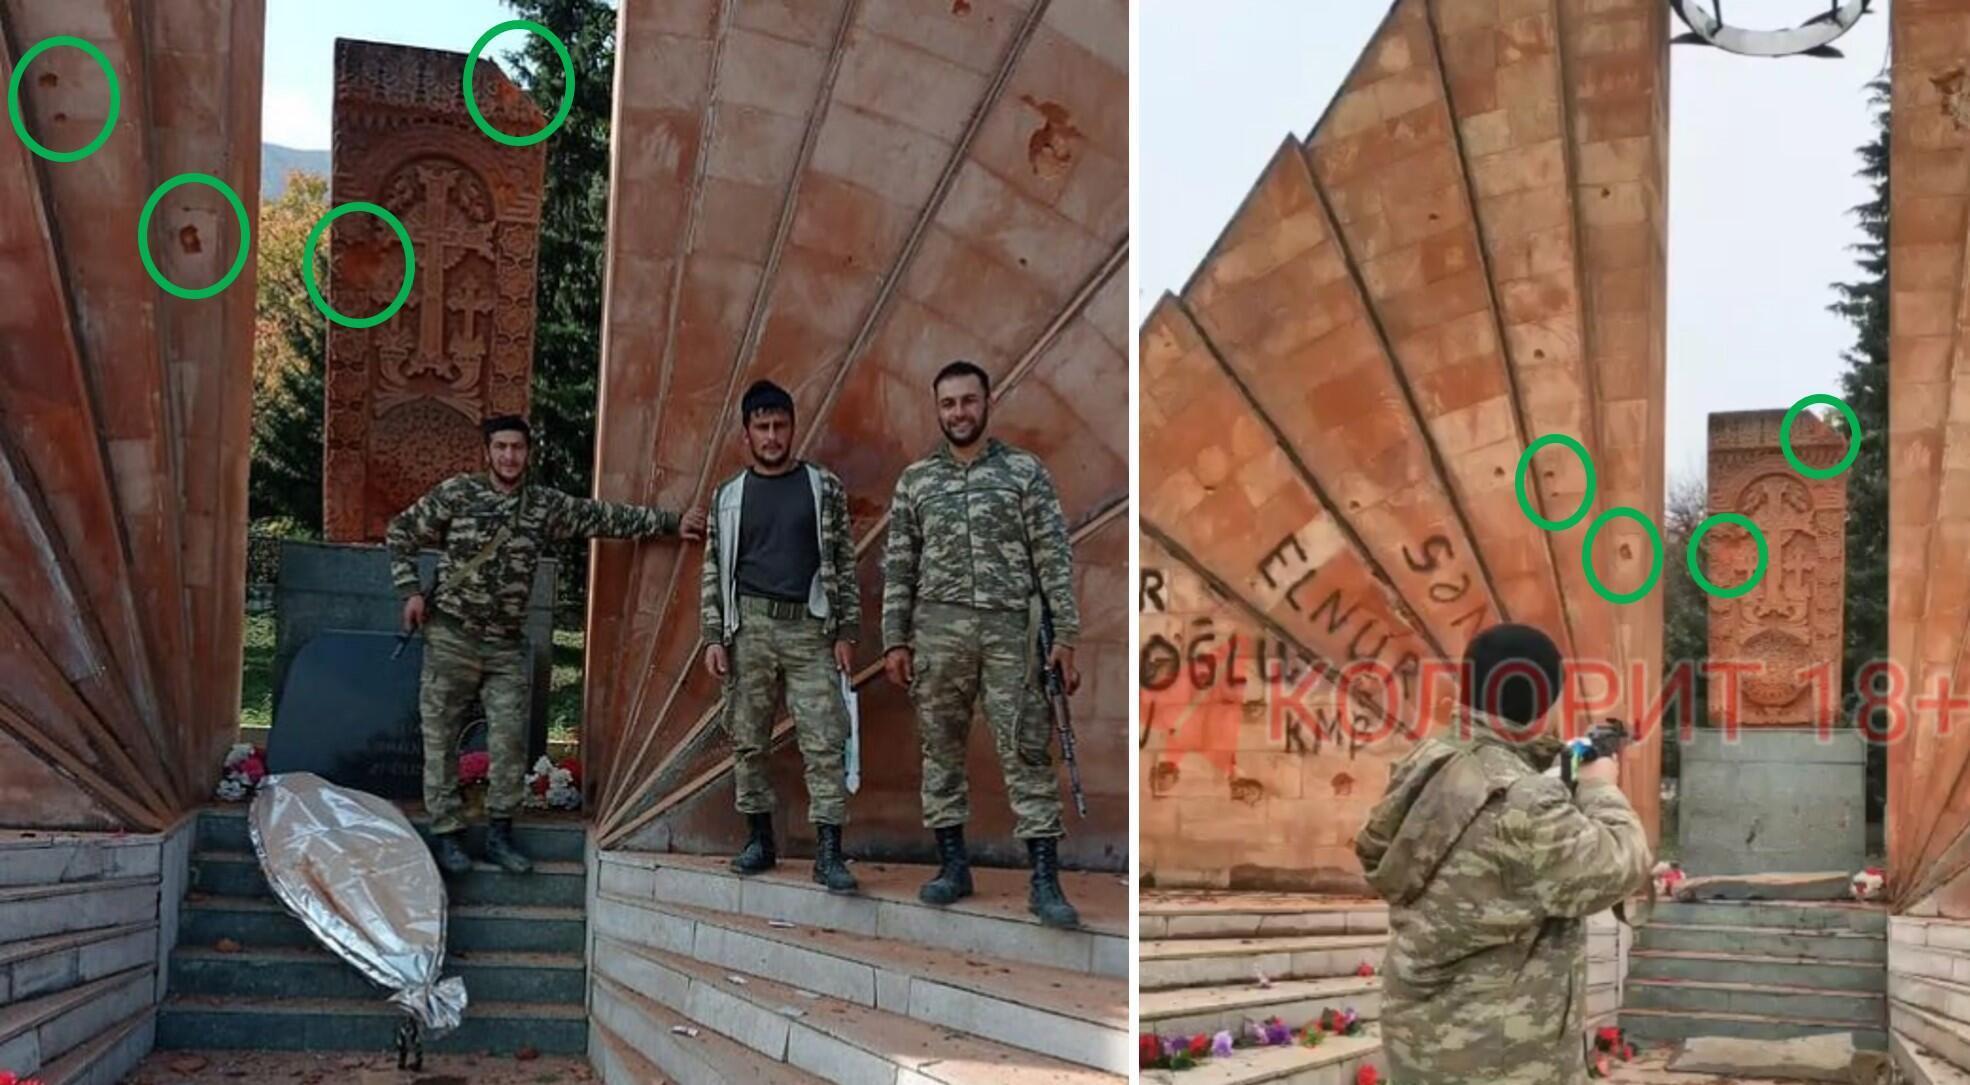 À gauche, la photo publiée sur Instagram le 18 décembre. À droite, une capture d'écran du début de la vidéo publiée le 4 juillet, avant que le soldat ne tire. Sur les deux images, on peut remarquer les mêmes signes de détériorations : l'absence de l'angle en haut à droite de la stèle, et la présence de plusieurs traces d'impacts à droite de la croix sculptée sur la stèle, et sur la partie gauche du monument.